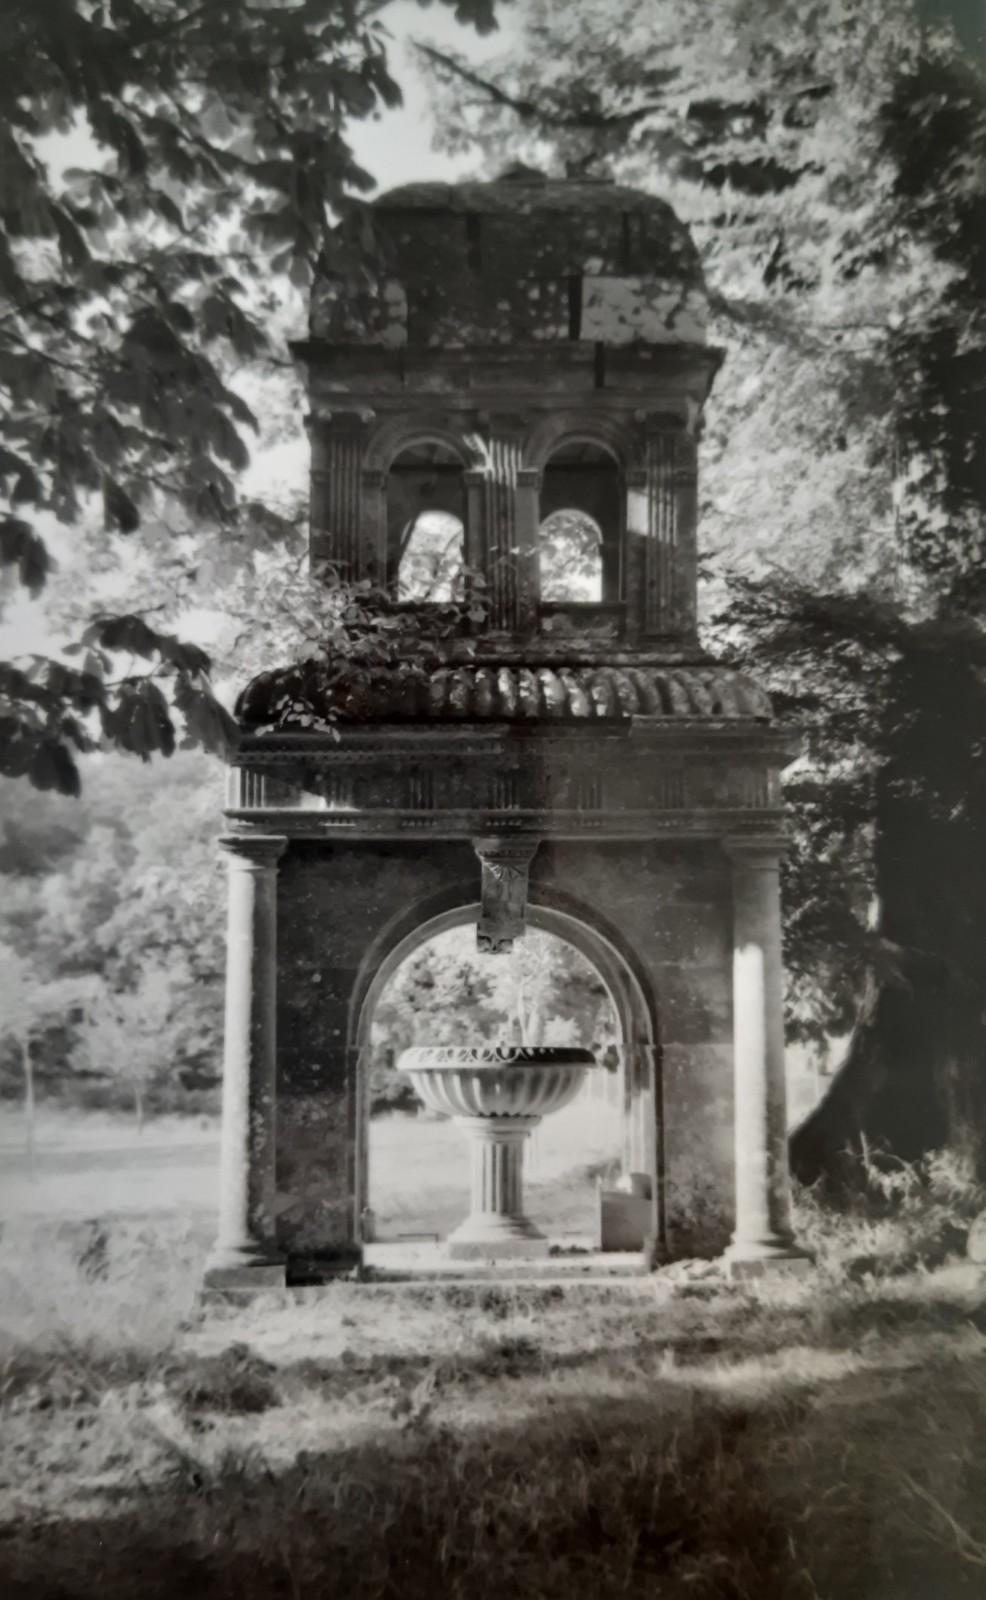 La fontaine au moment de son classement, dans les années 1950. Le lanternon est déposé. ©DRAC Pays de la Loire